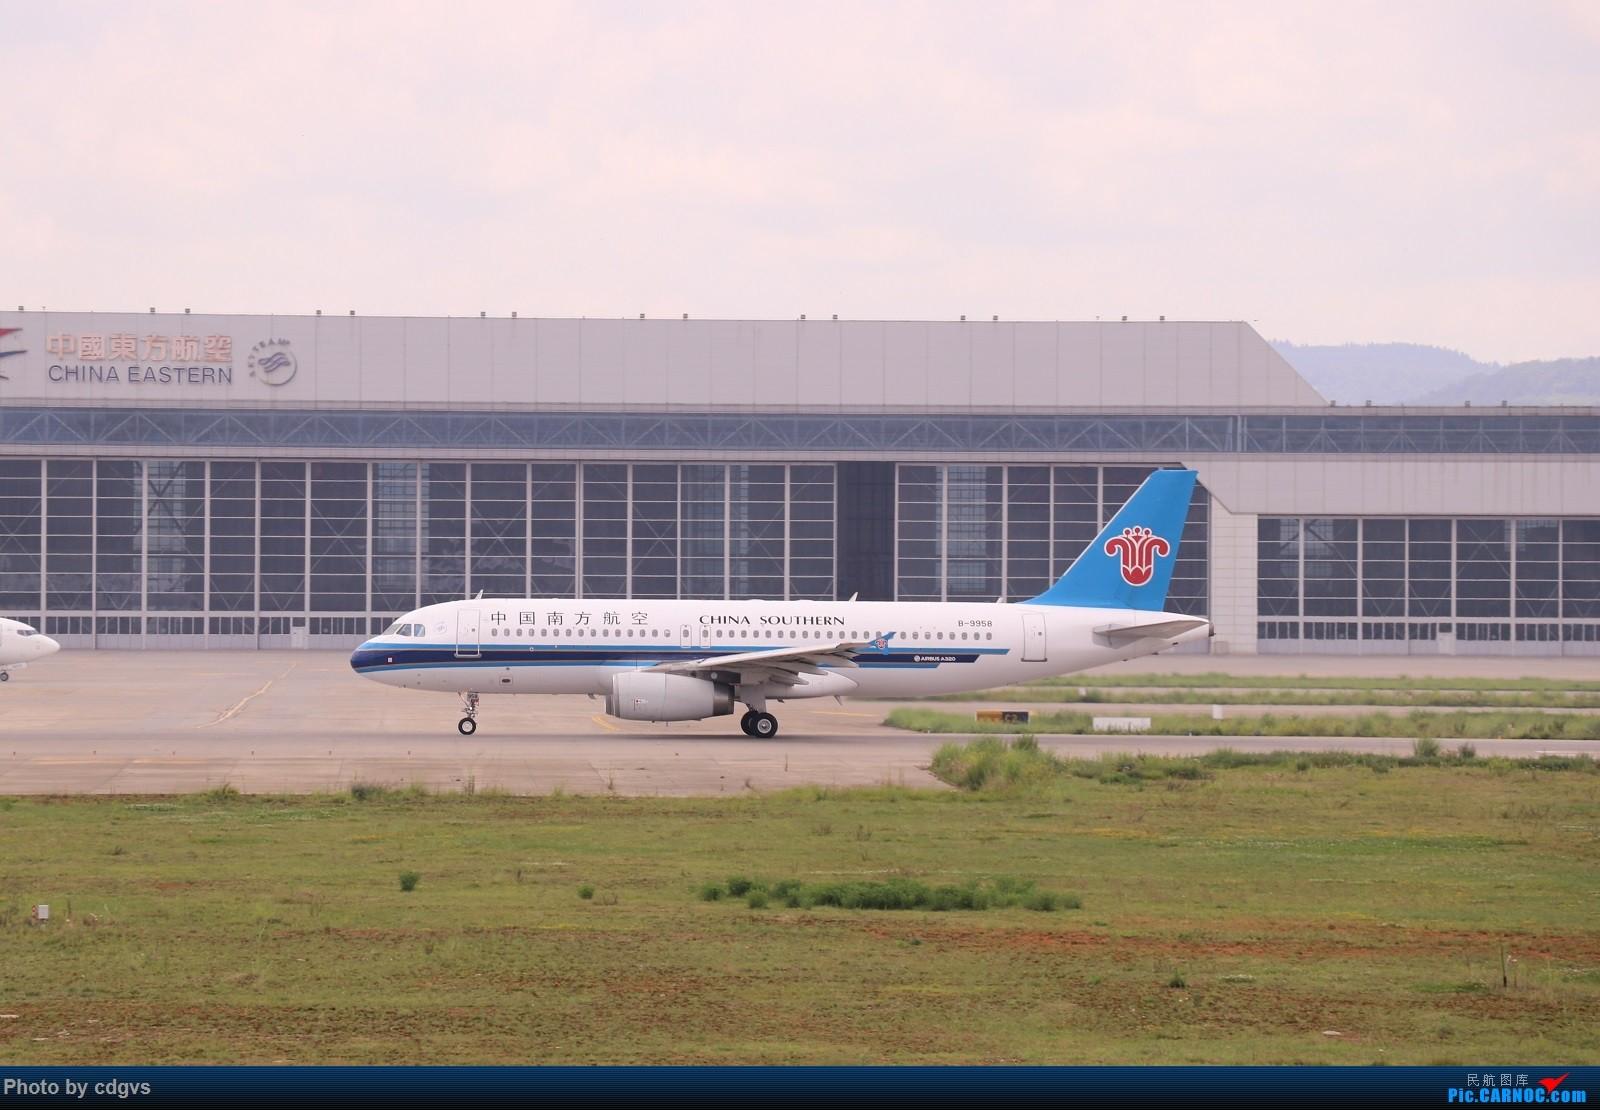 Re:[原创]【KMG】昆明的一天 1600大图 一次看个爽 AIRBUS A320-200 B-9958 中国昆明长水国际机场